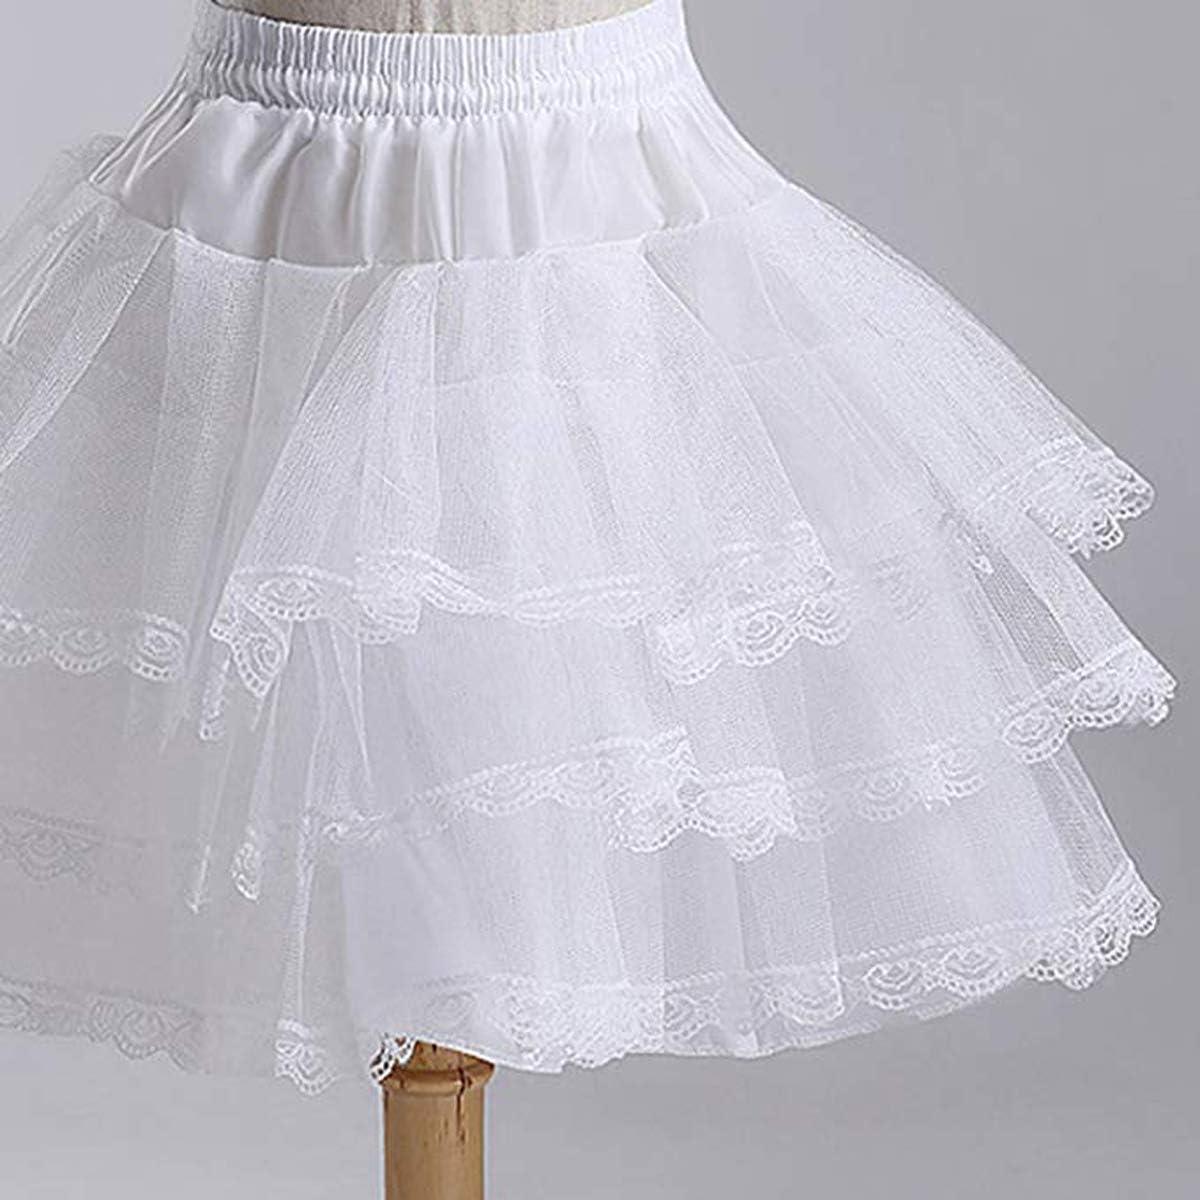 AliceHouse 3 Layers Girls Slip Flower Girl Petticoat Crinoline Hoopless Skirt Underskirt for Kids KPT2